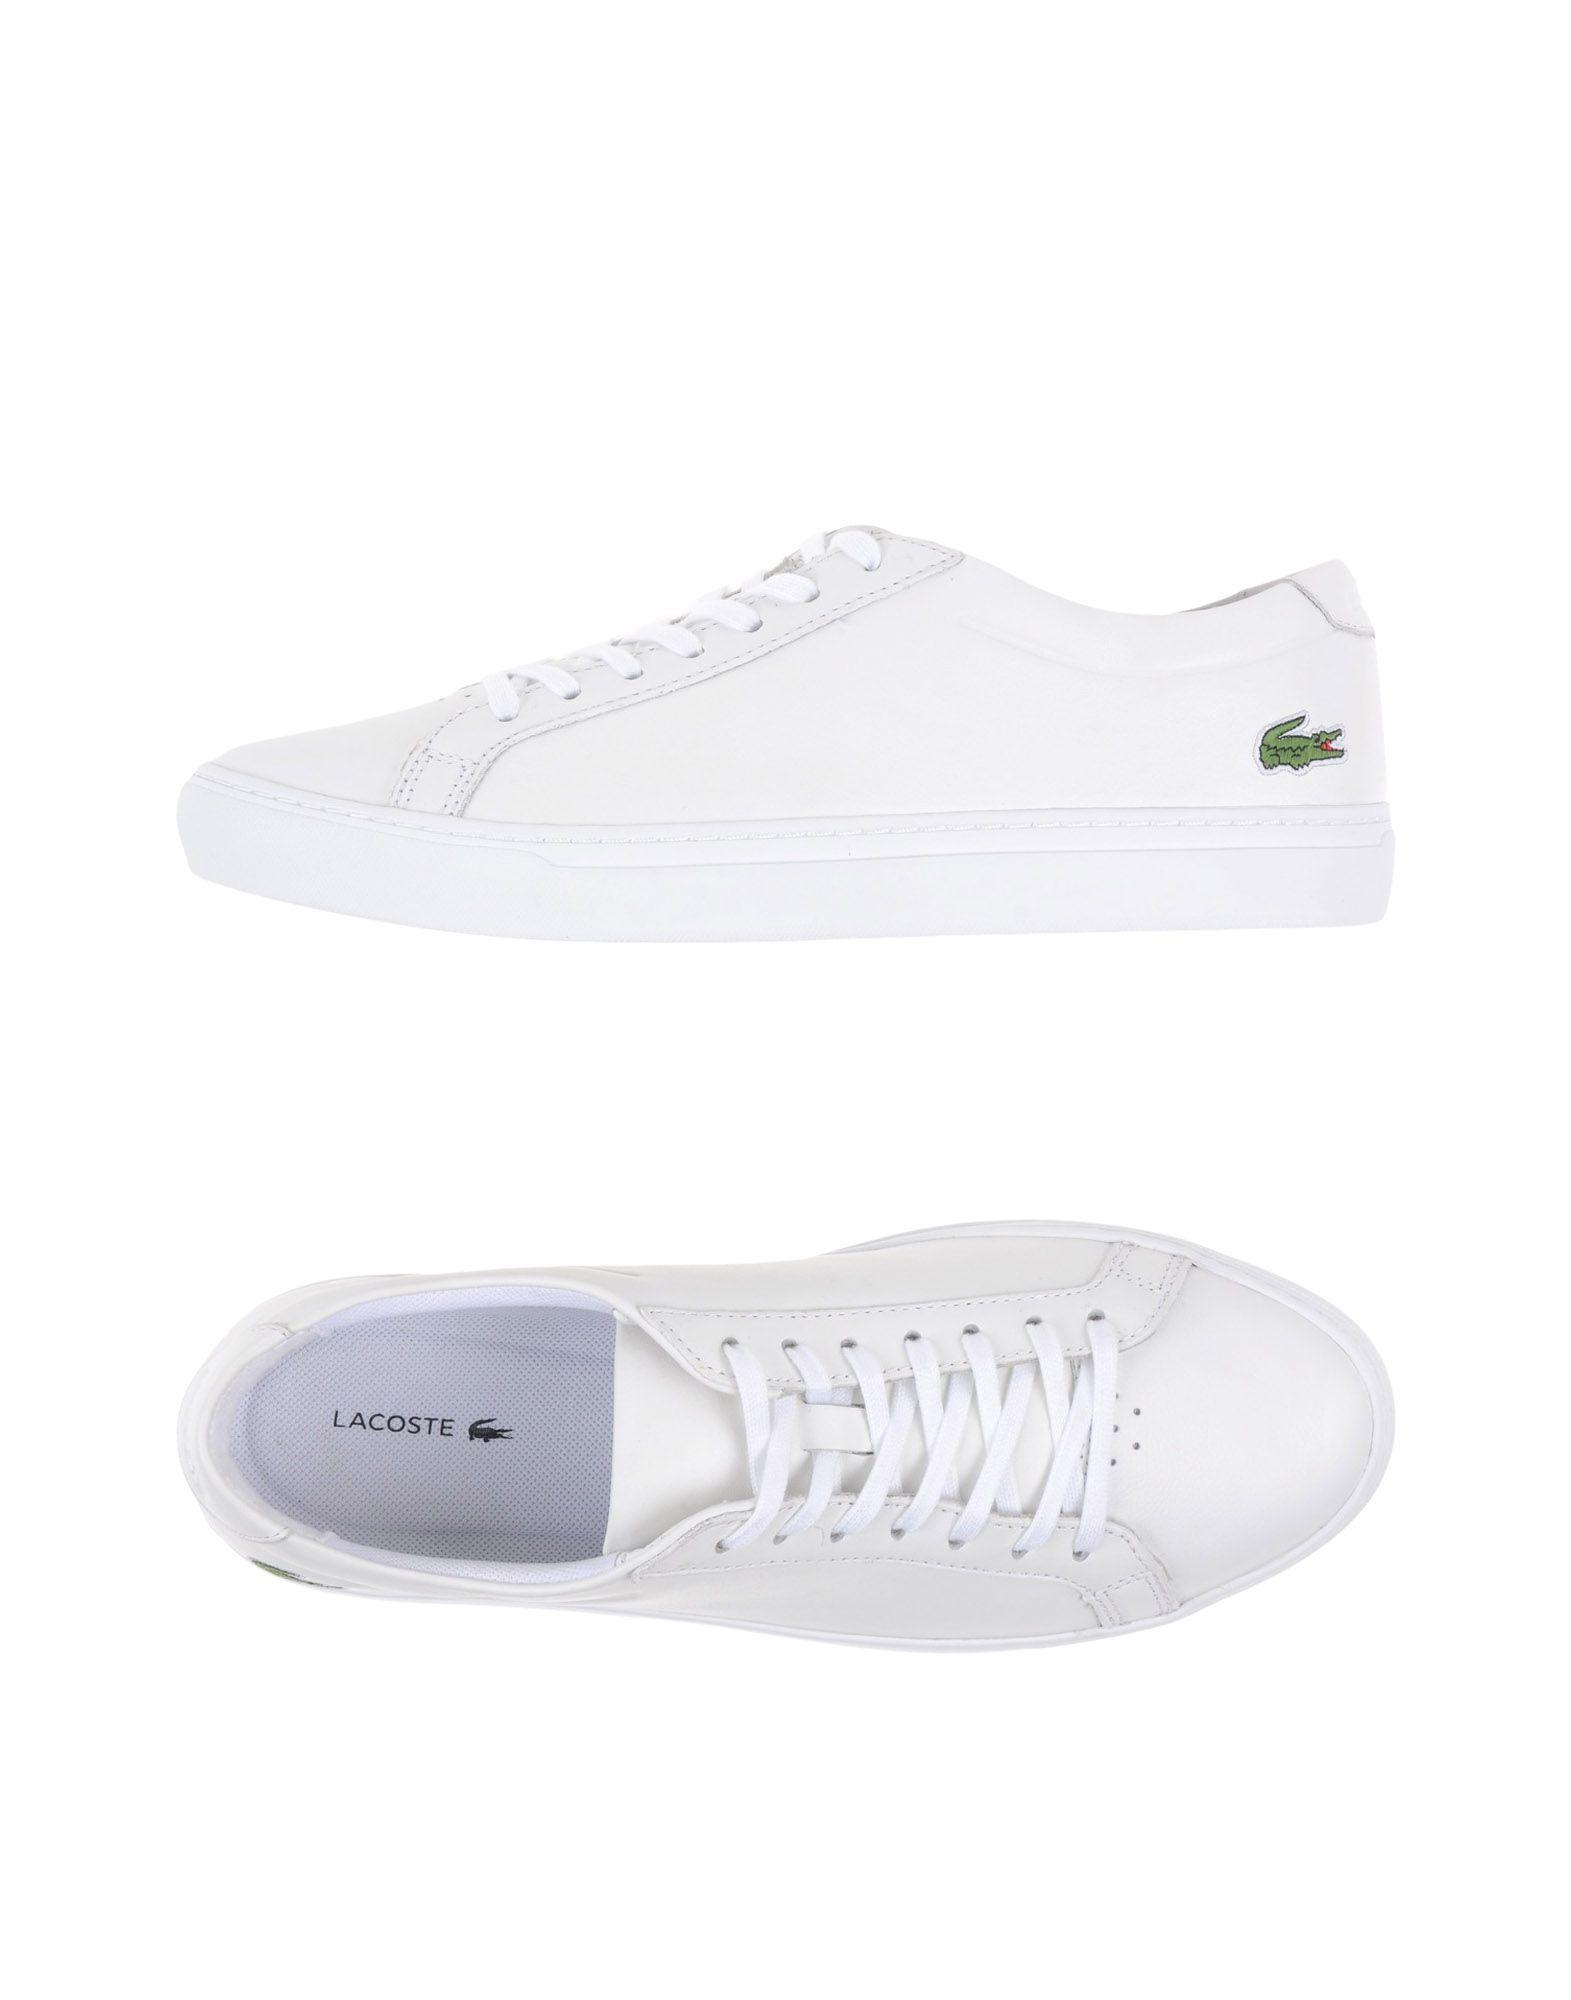 Sneakers Lacoste L.12.12 116 1 - Uomo - Acquista online su